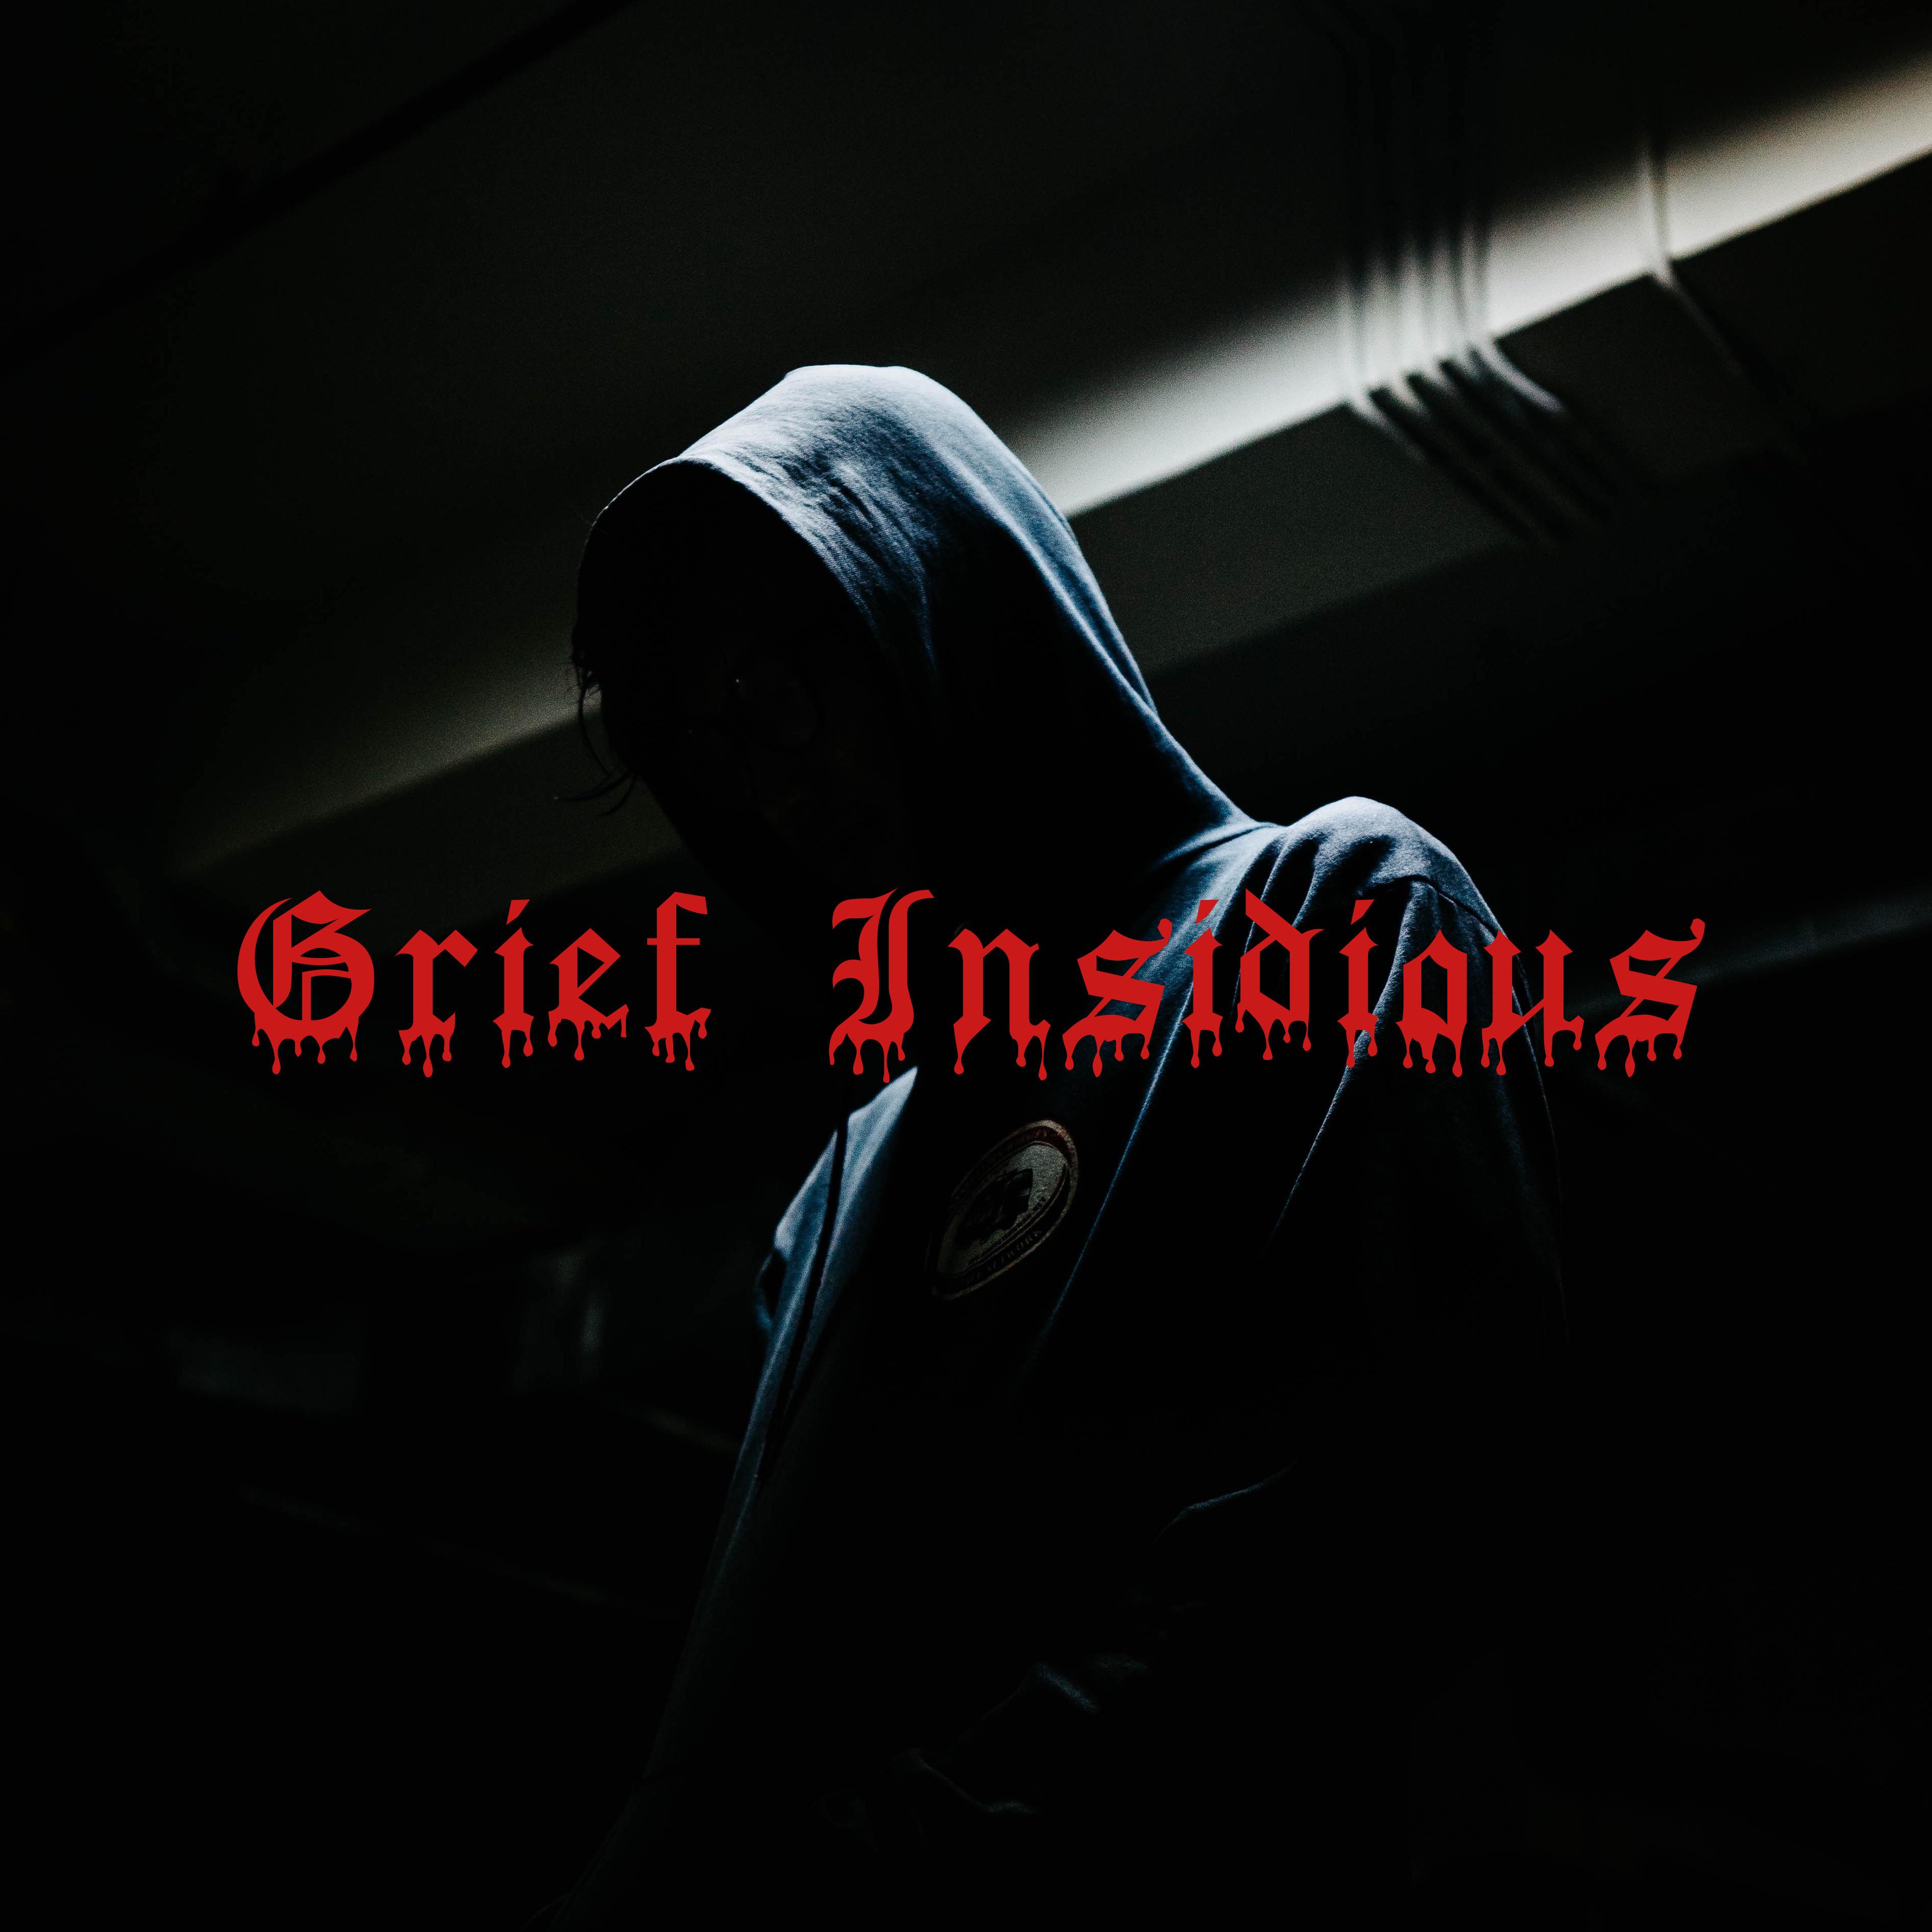 Grief Insidious